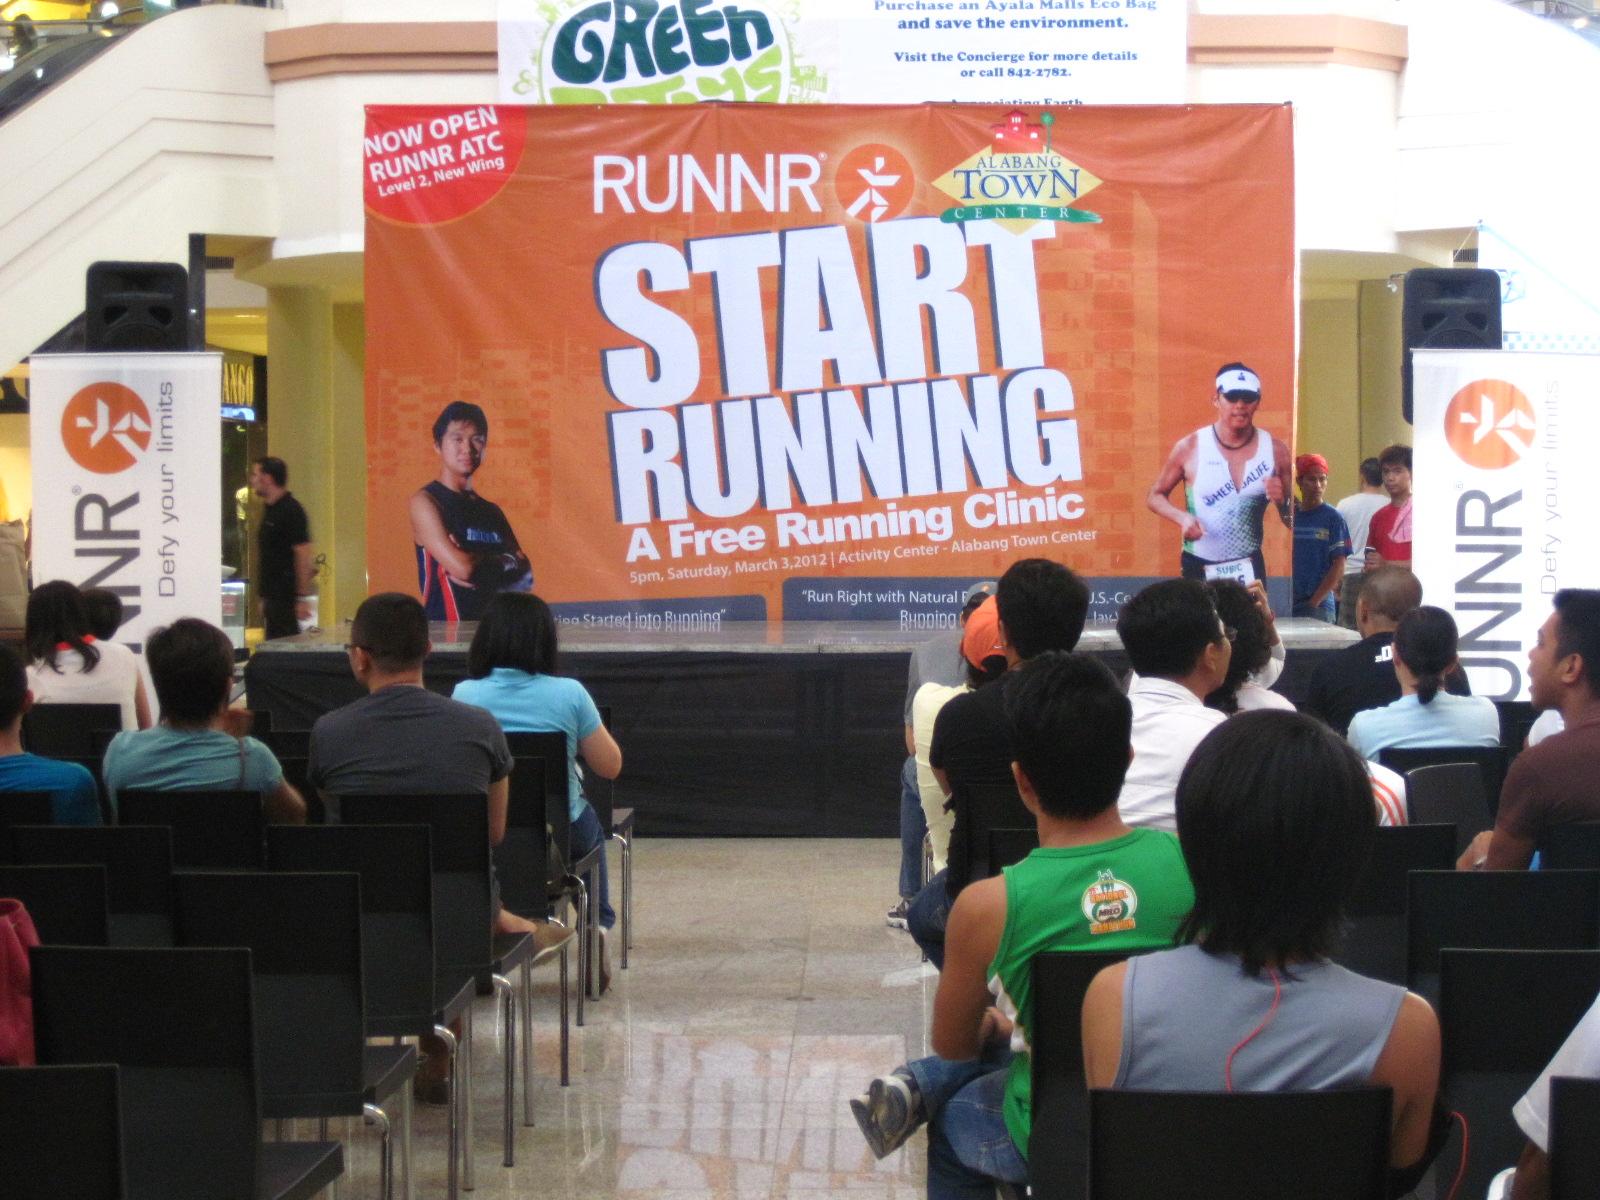 RUNNR ATC: Running Clinic